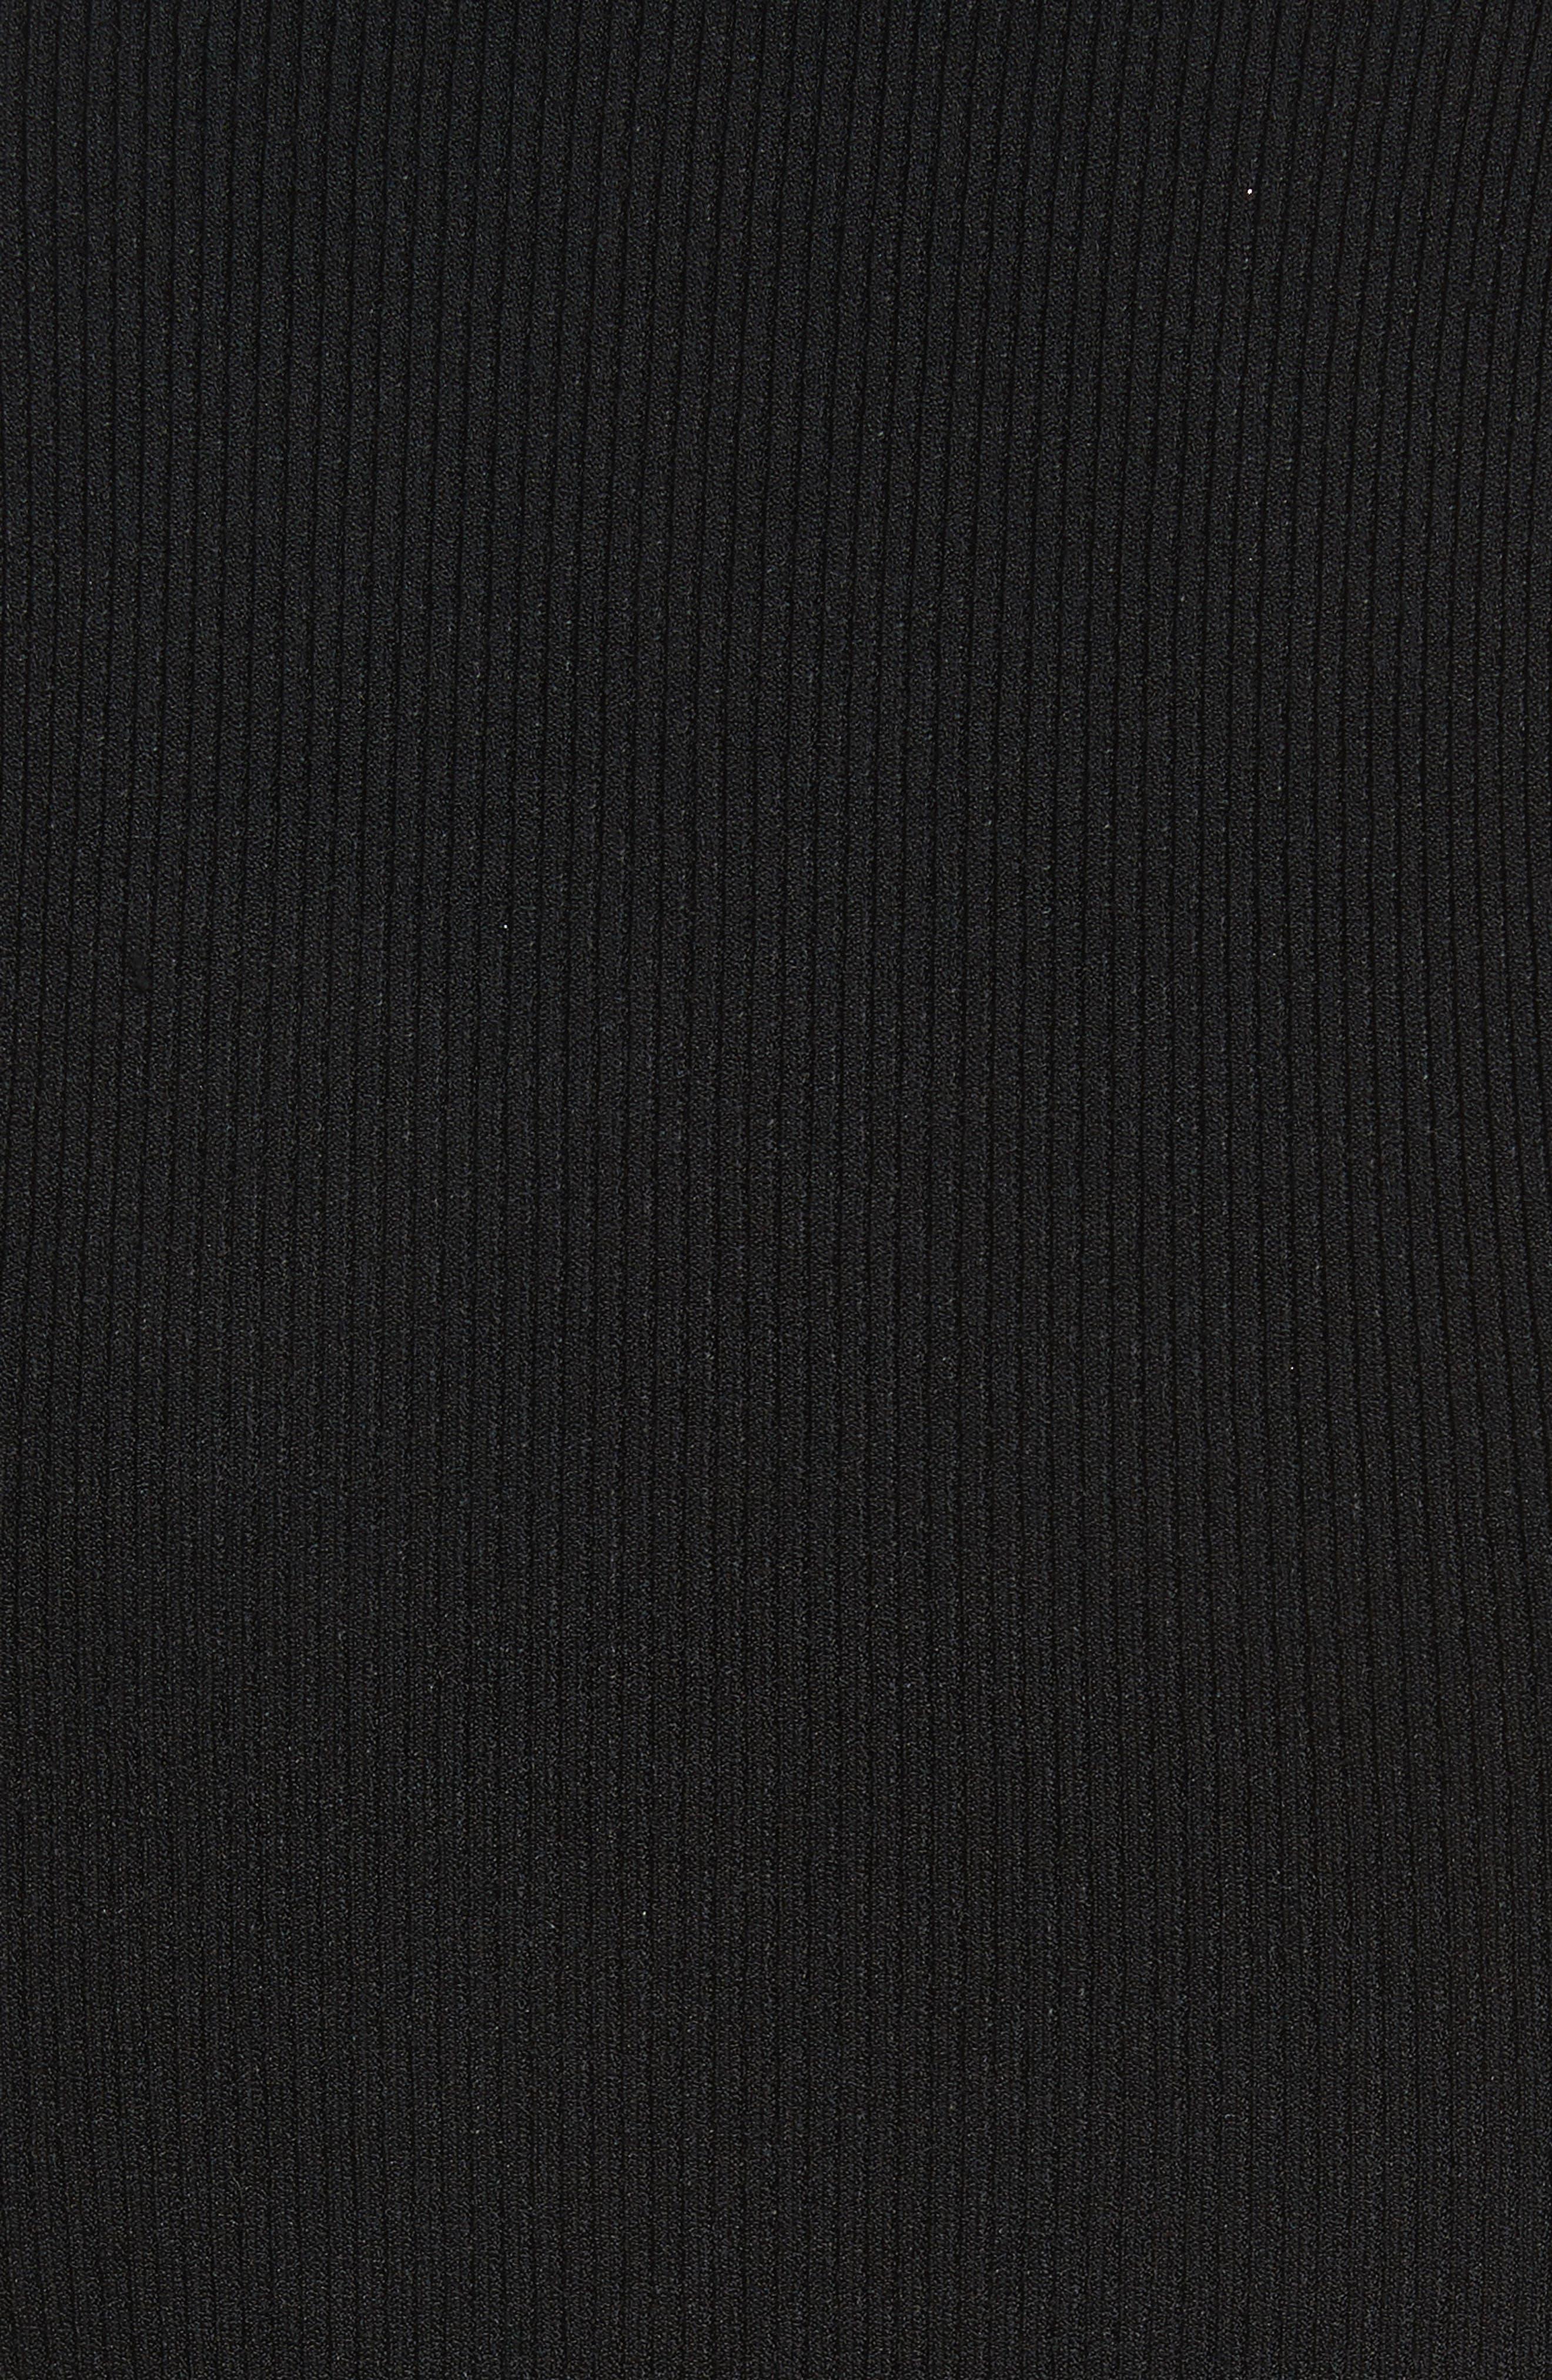 Turtleneck Tube Pulllover,                             Alternate thumbnail 5, color,                             Black